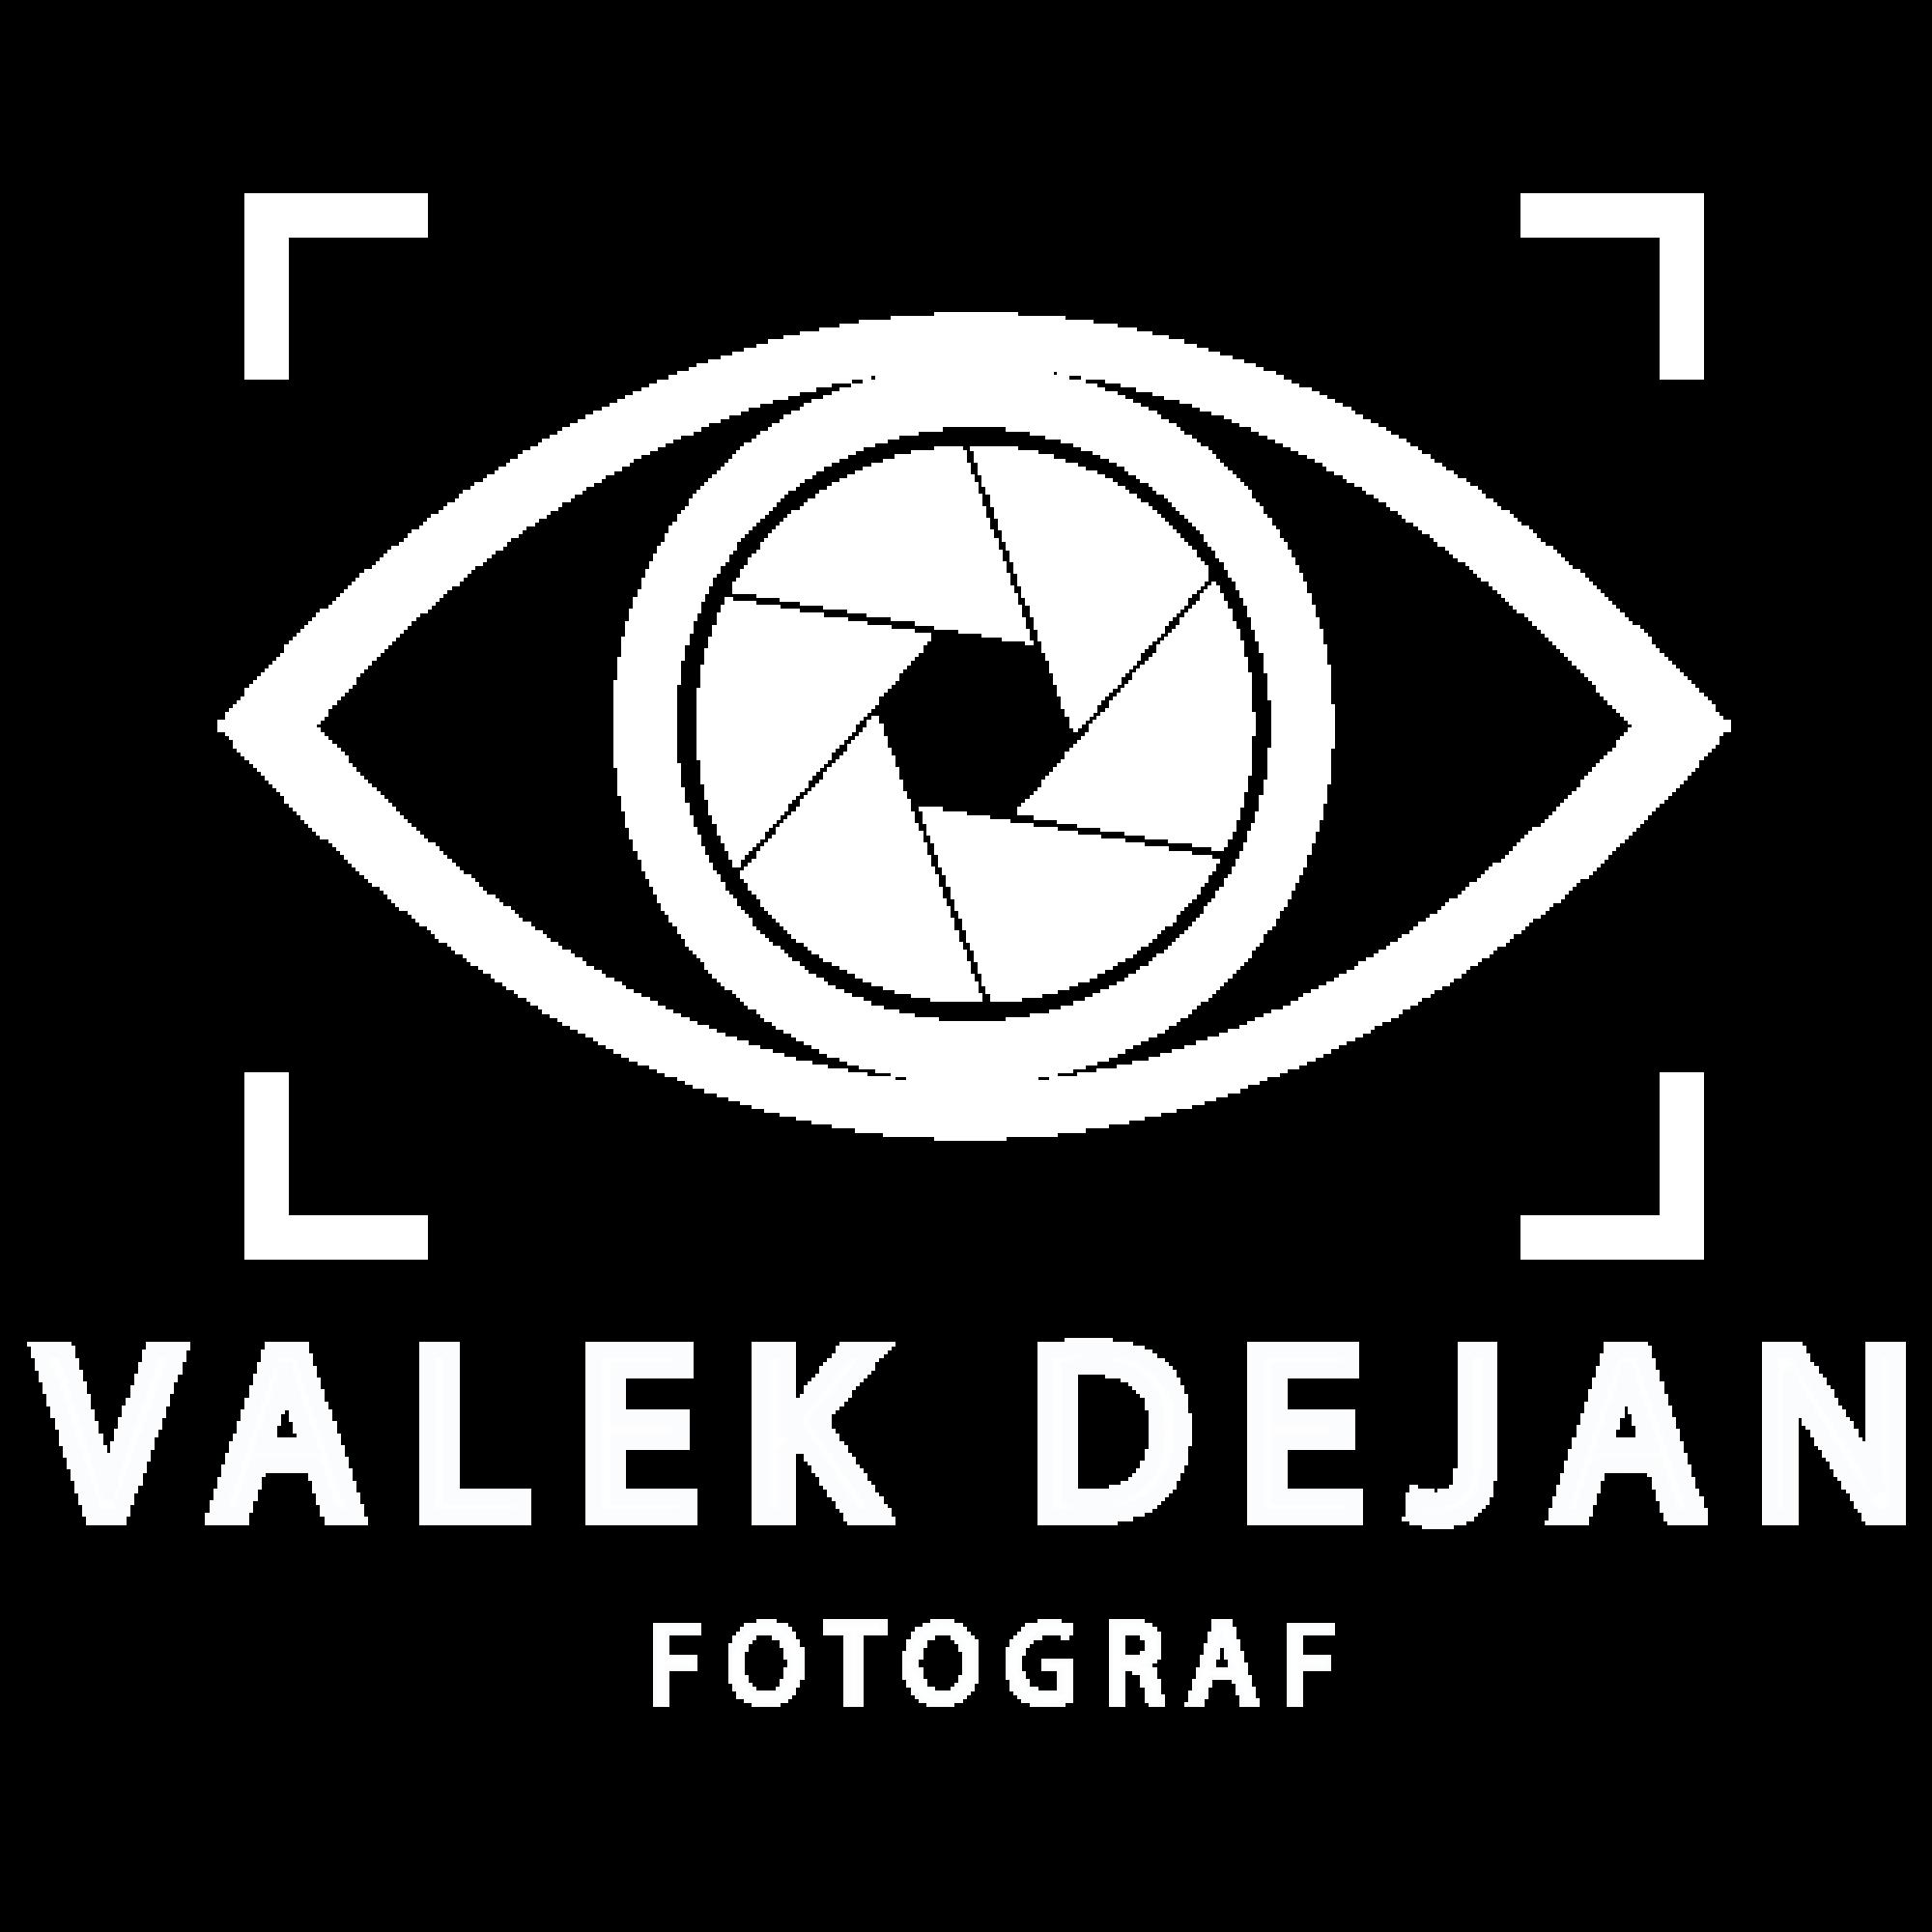 Valek Dejan